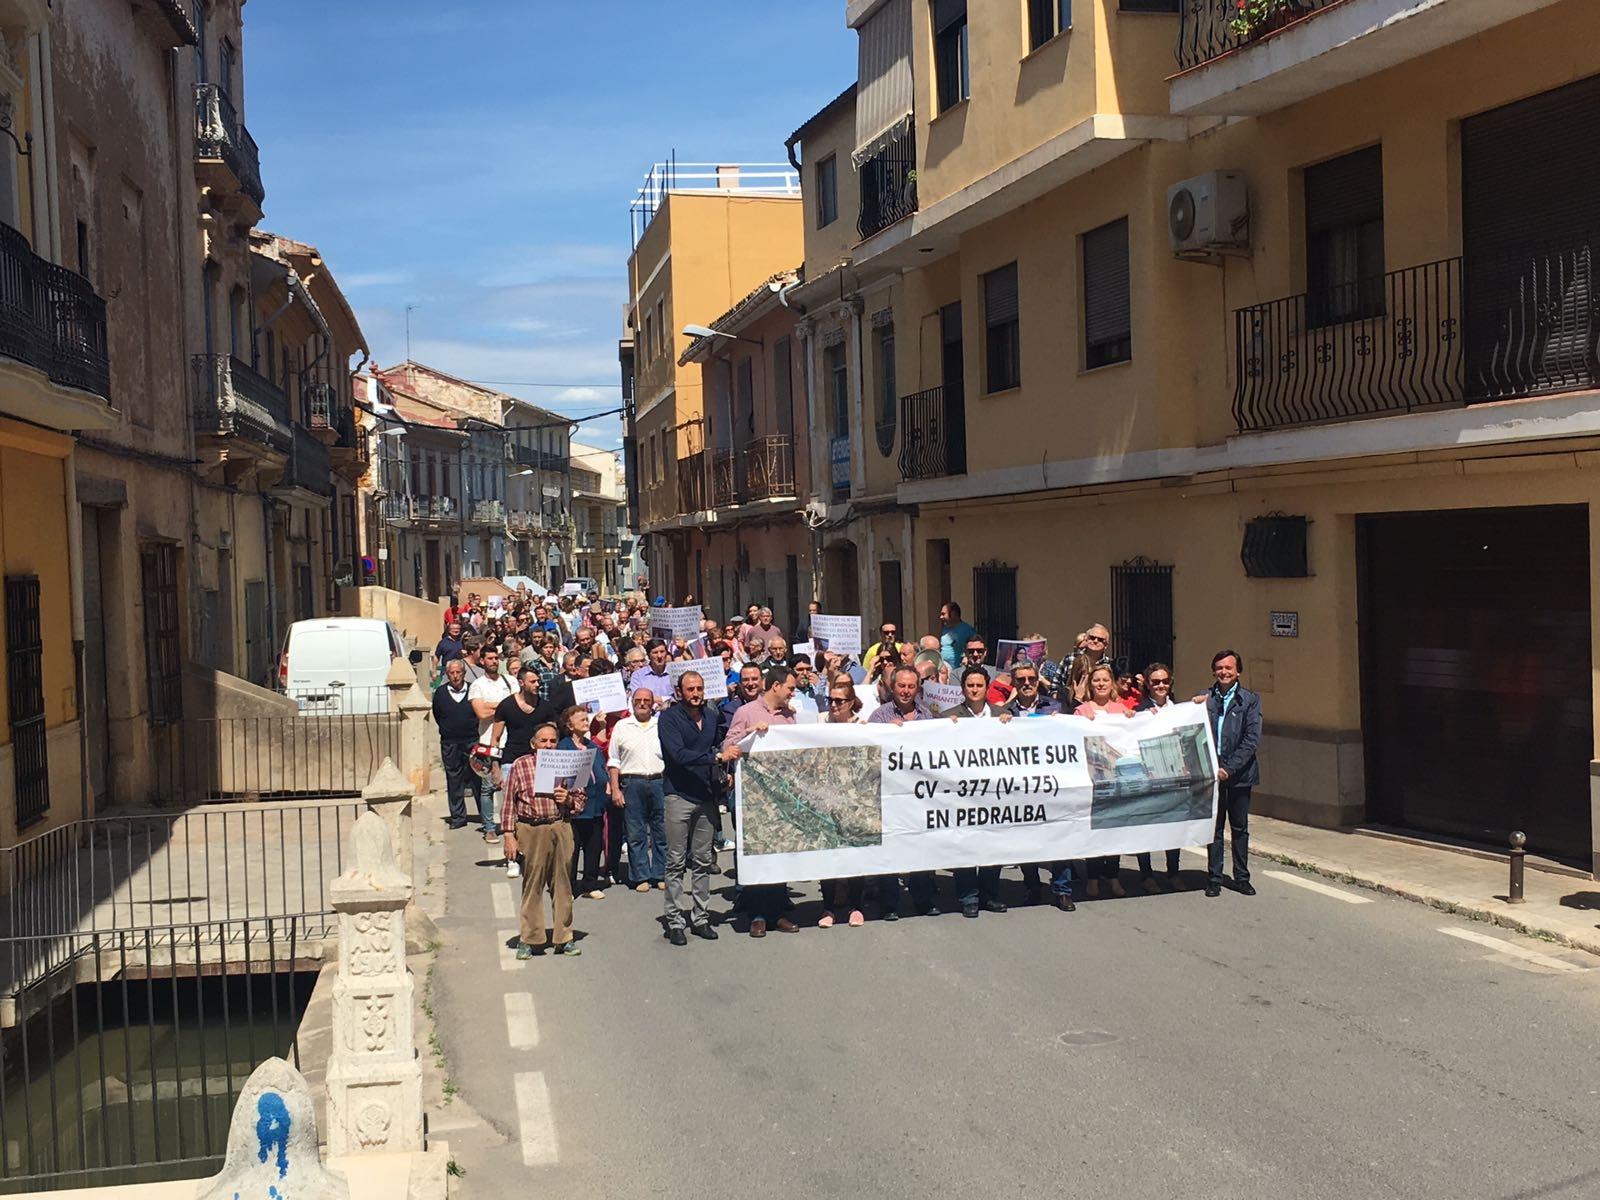 Manifestación desarrollada para exigir el dsbloqueo de la variante sur de Pedralba.